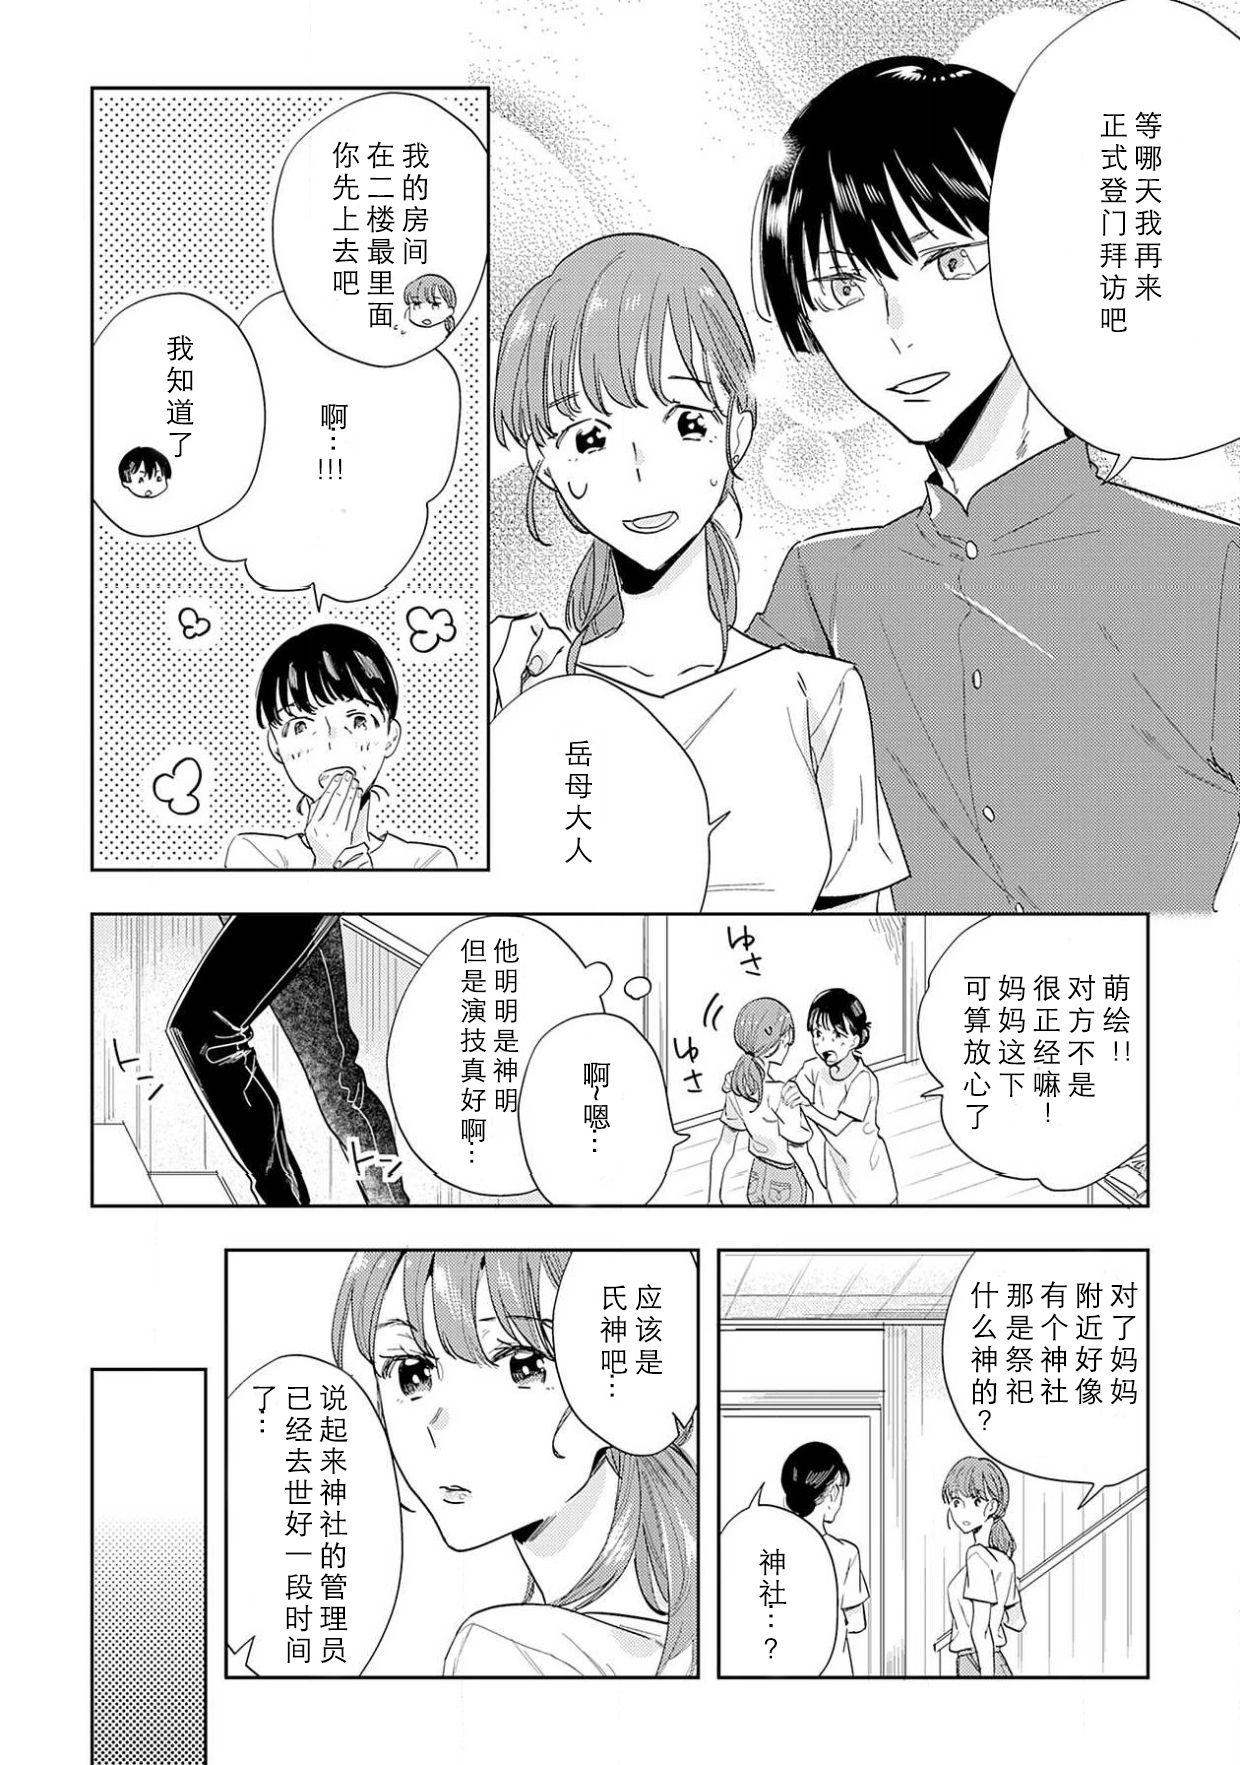 [Hachikawa Kyuu] Kami-sama to Ikenie H Keiyaku Shichaimashita | 我与神明大人签订了祭品H契约 1-3 [Chinese] [莉赛特汉化组] 15